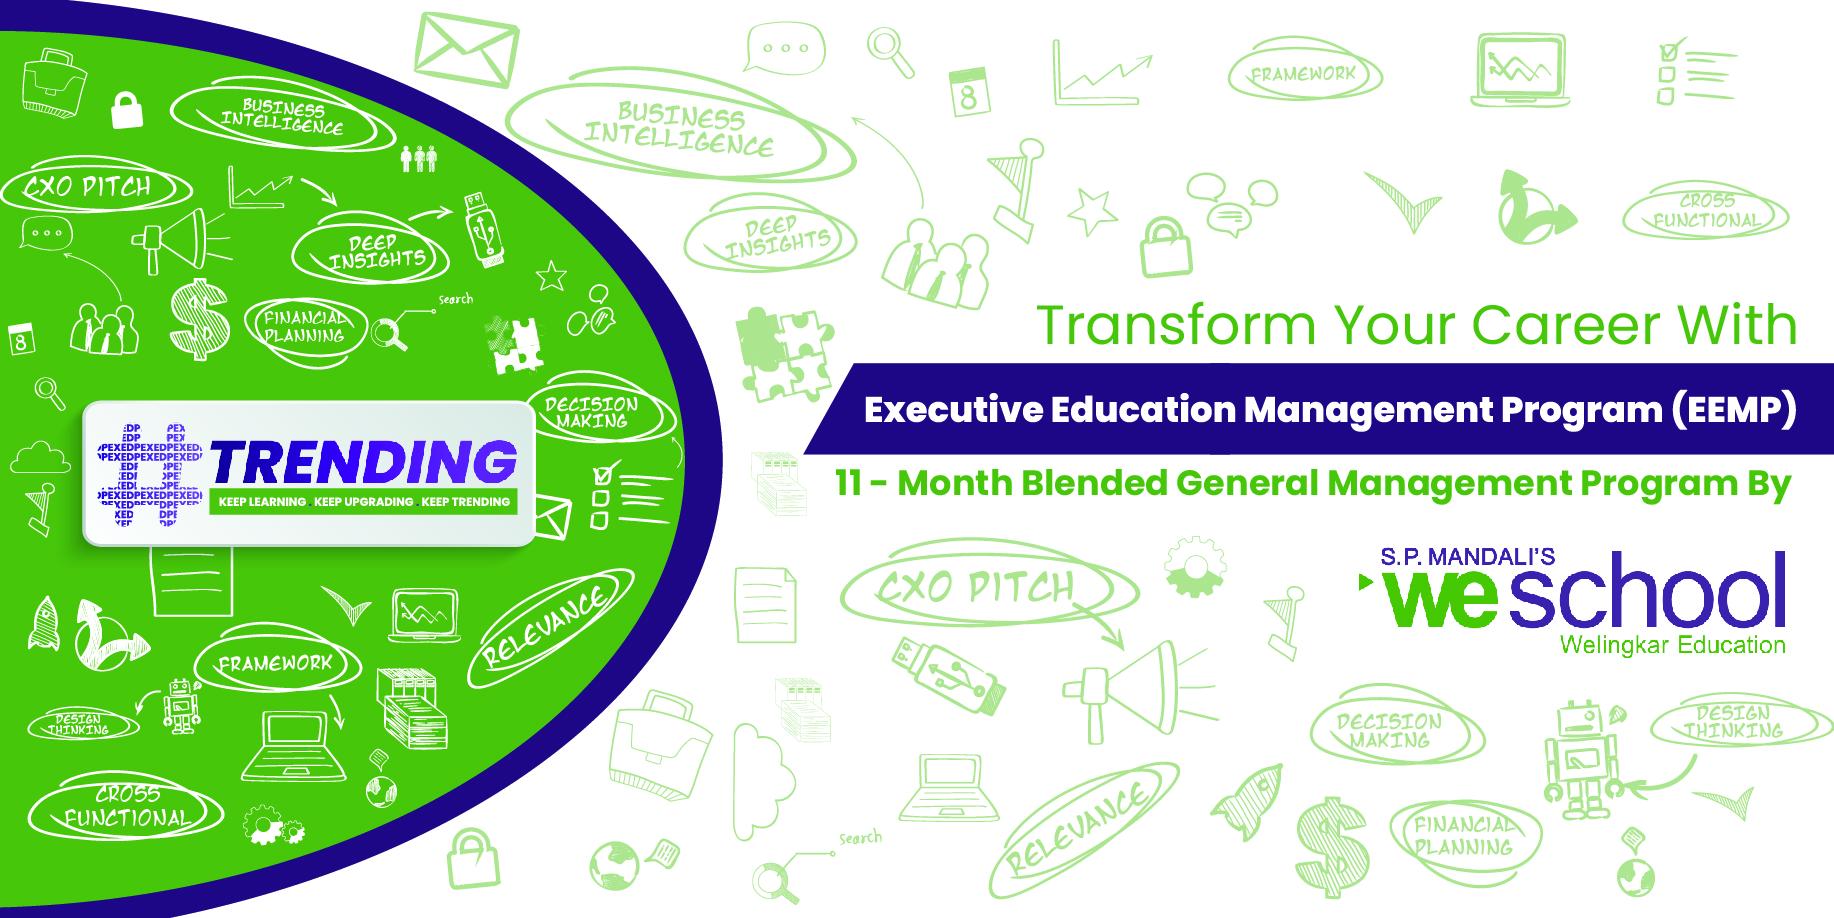 Executive Education Management Program <br> (11 Months)